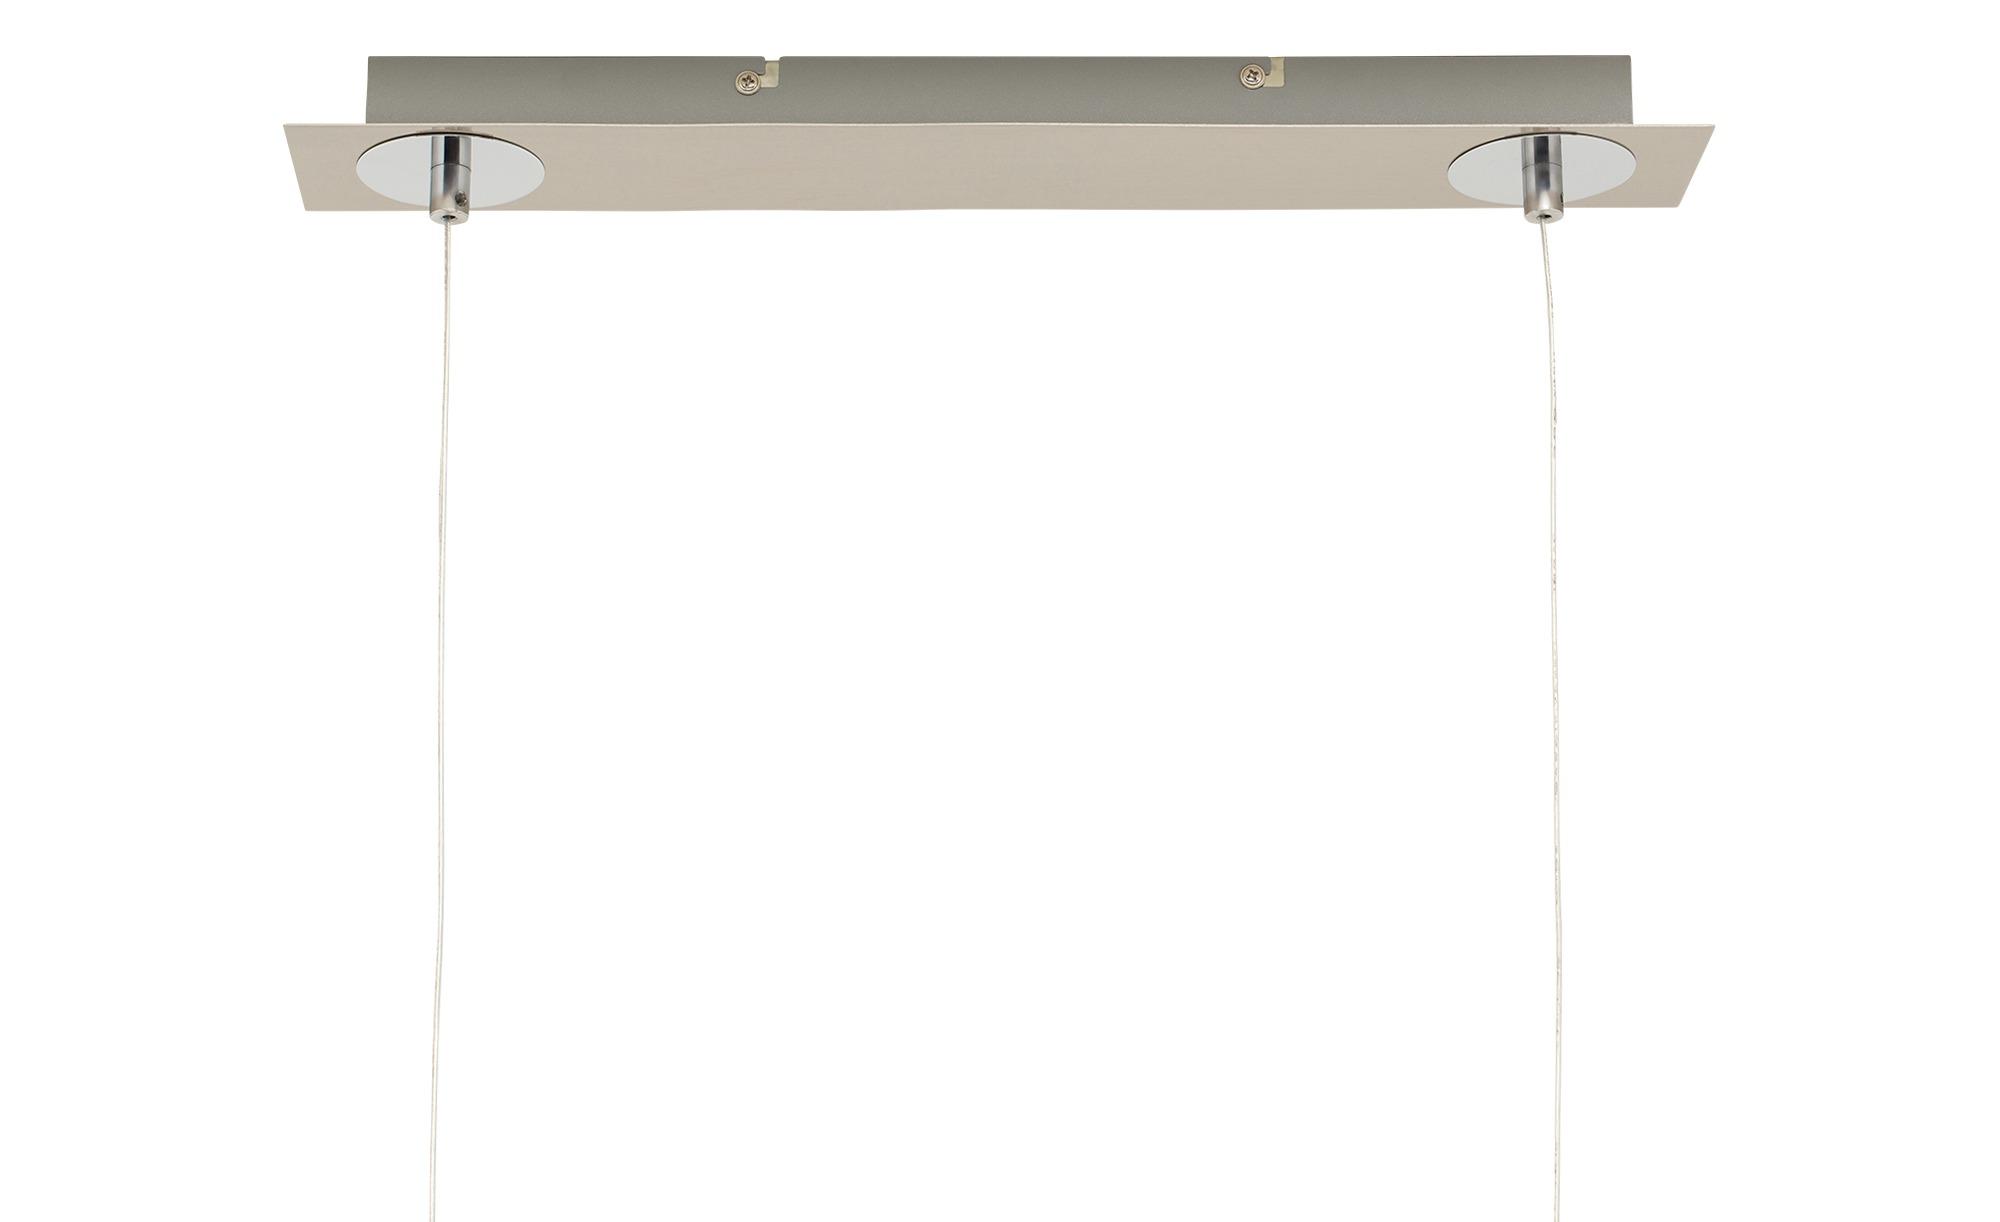 Paul Neuhaus Pendelleuchte 5 Schirme m. Aluminiumgeflecht ¦ silber Lampen & Leuchten > Innenleuchten > Pendelleuchten - Höffner